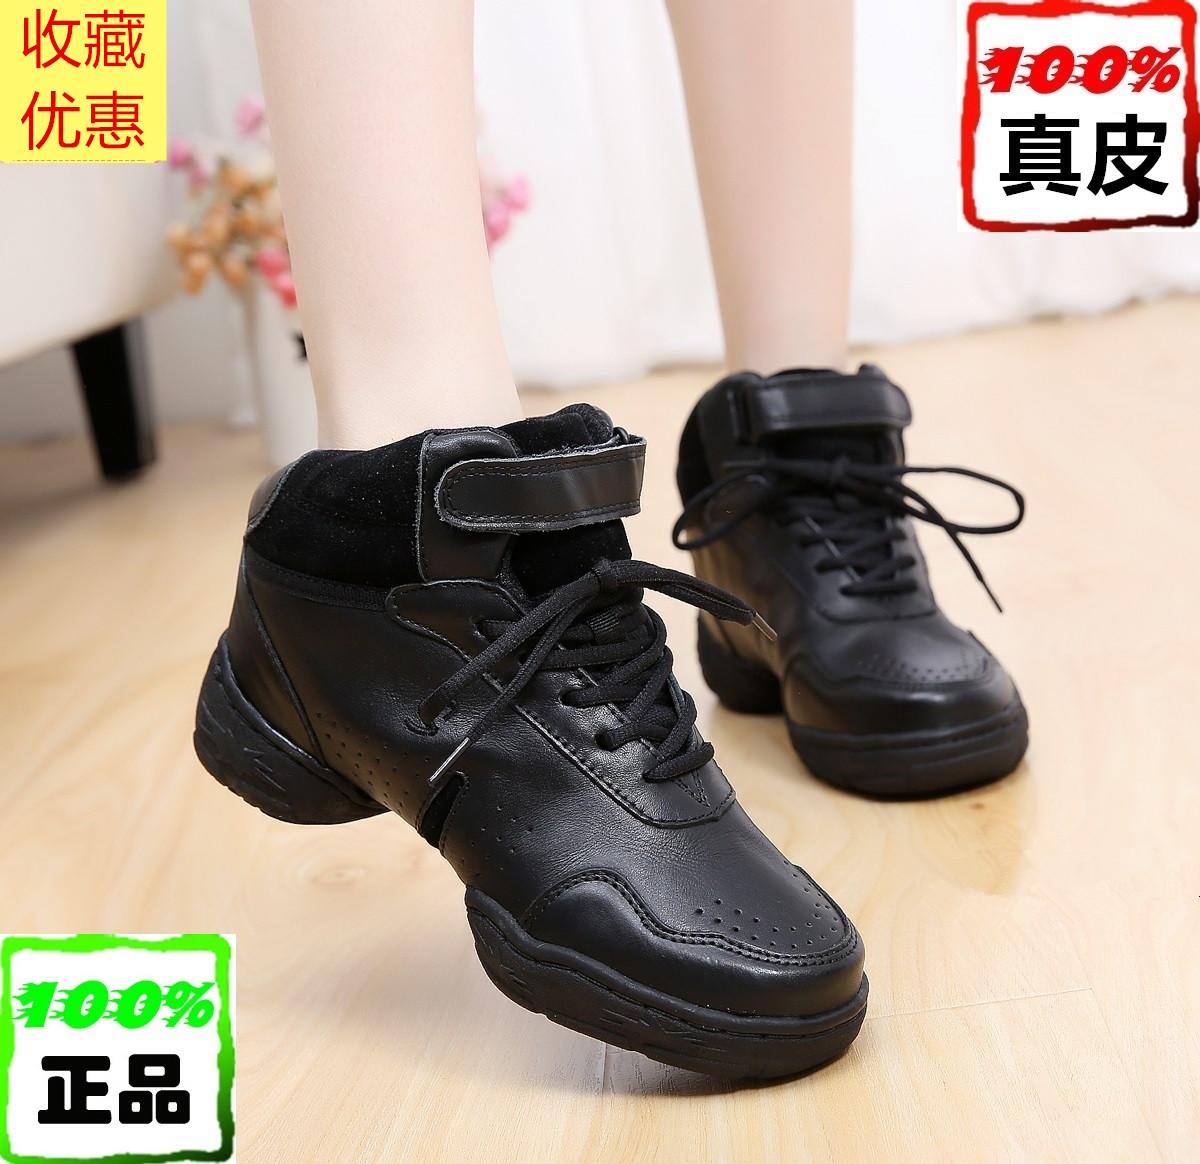 正品三莎健身运动软底舞蹈鞋爵士女广场舞鞋皮分离底现代舞鞋真皮